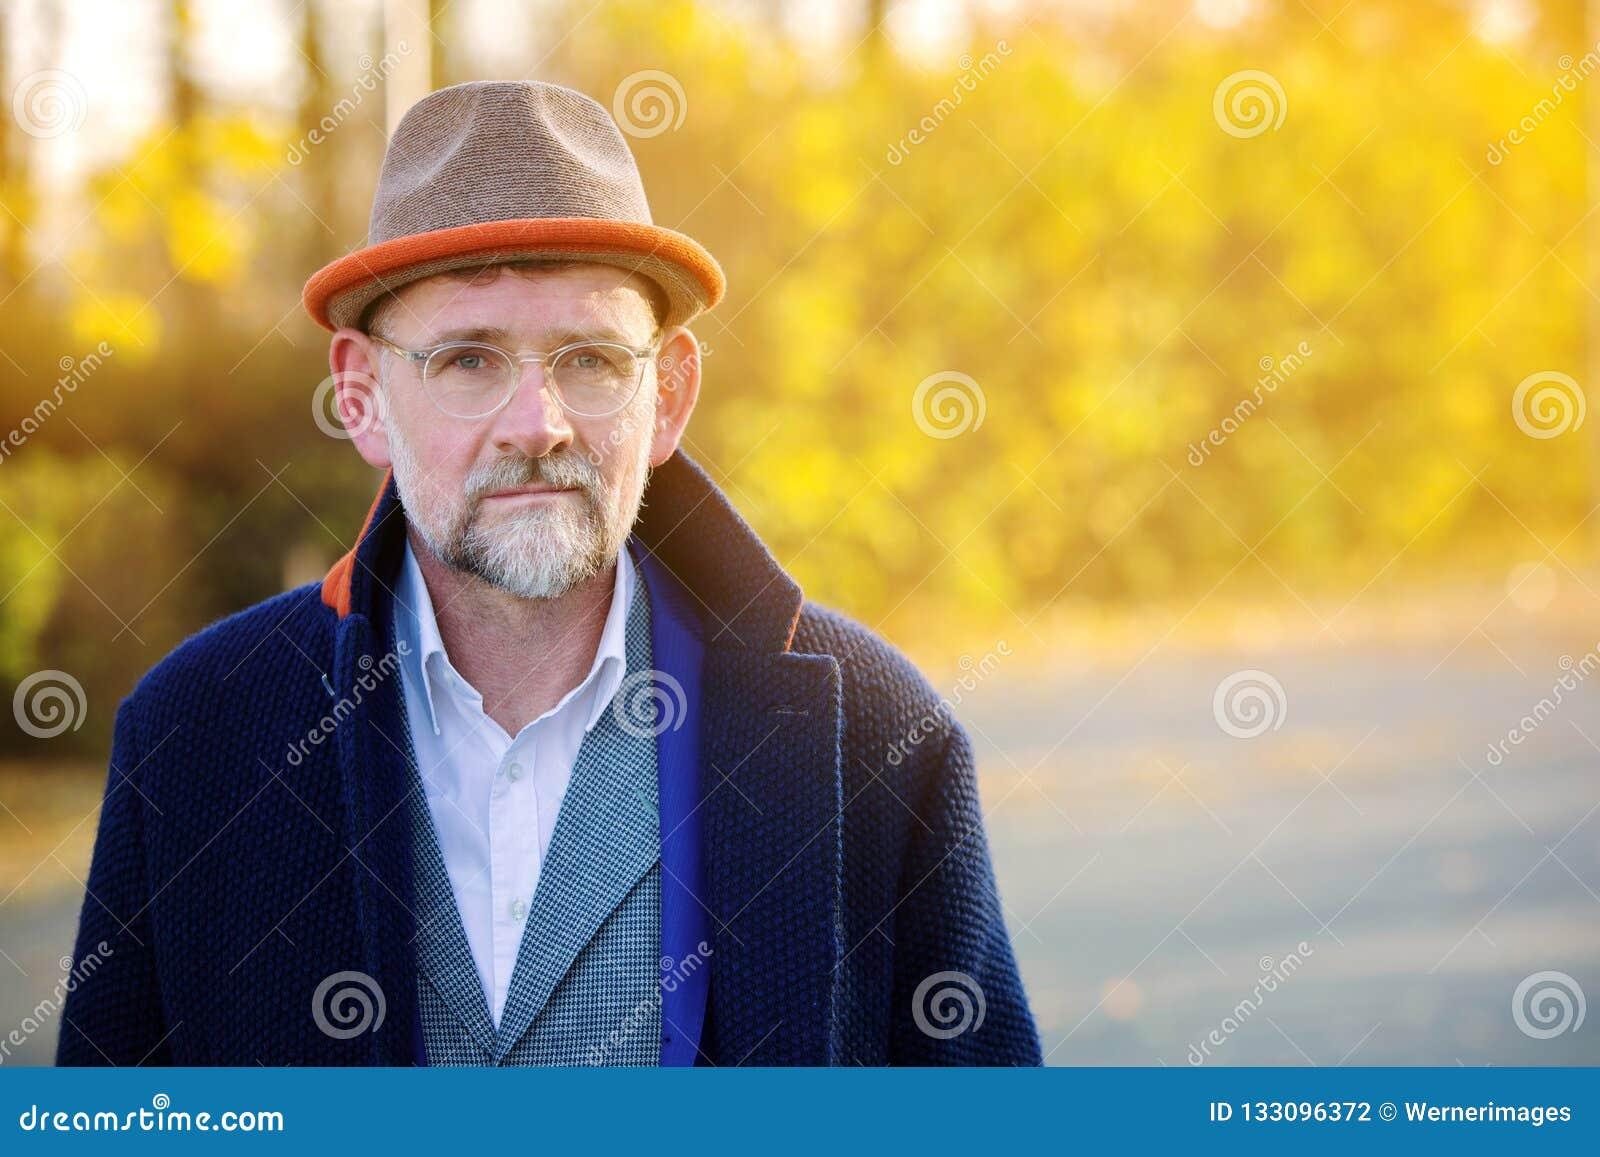 Retrato do homem em seu 50s no ar livre azul do terno e do revestimento